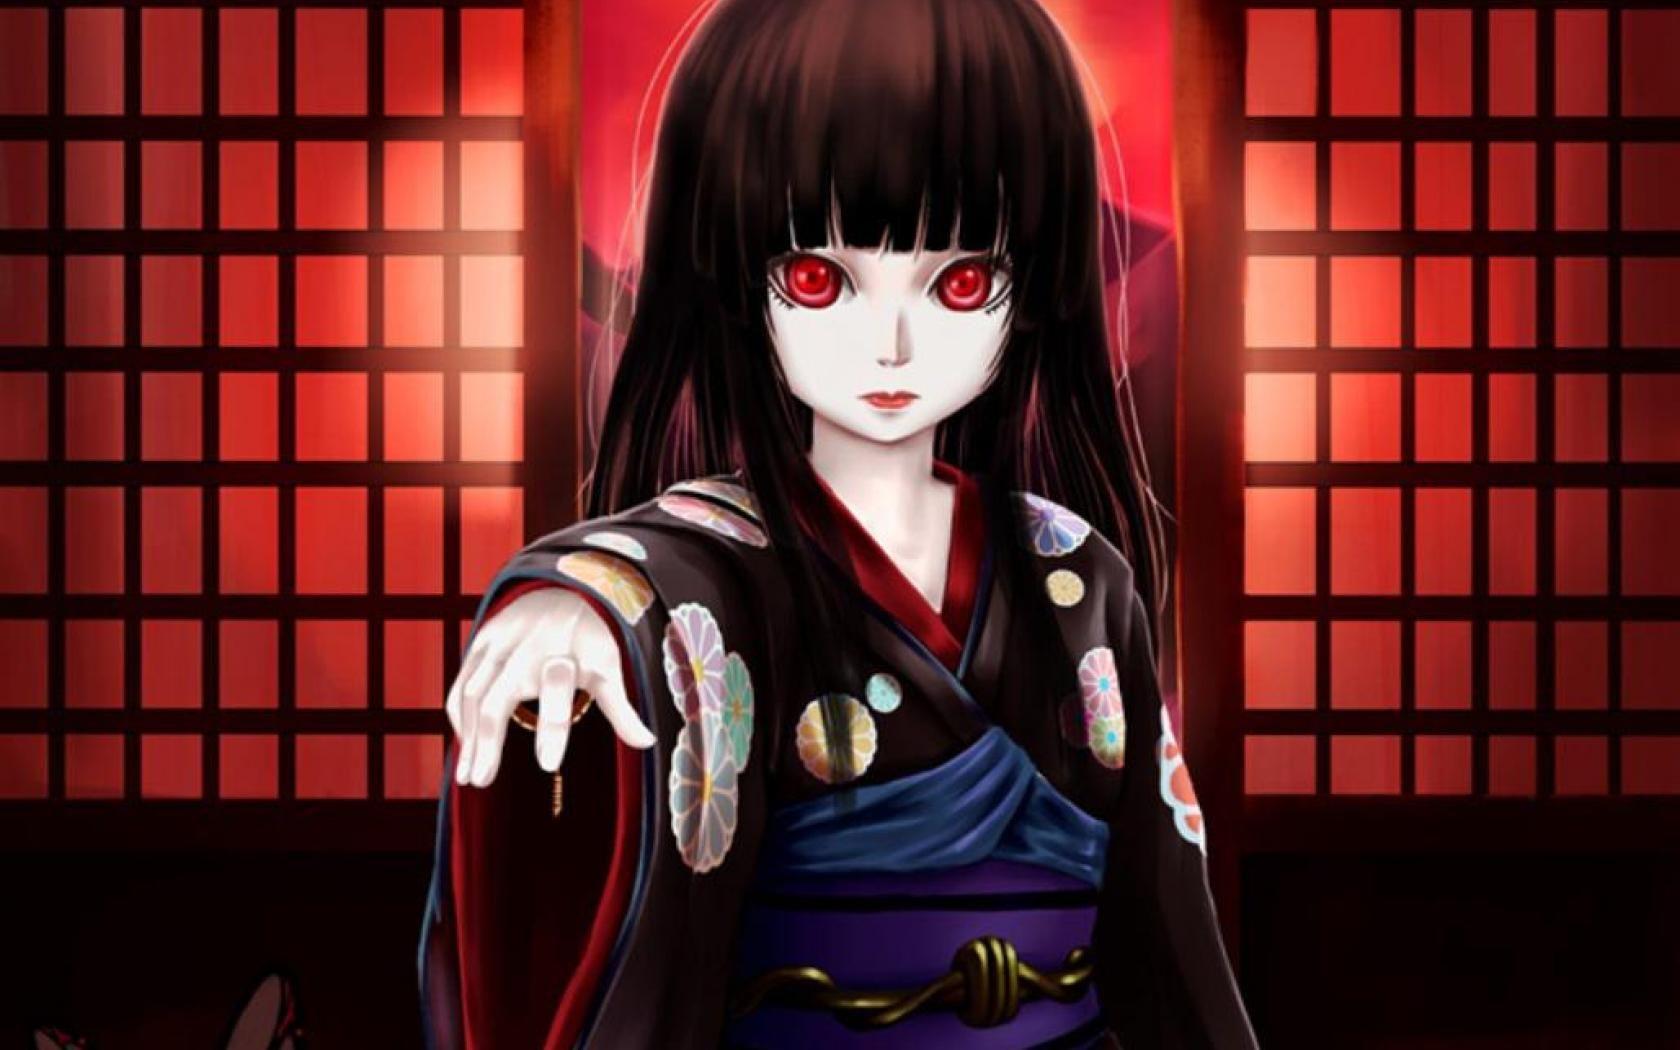 Anime Horror Girls Wallpaper Hd For Android Horor